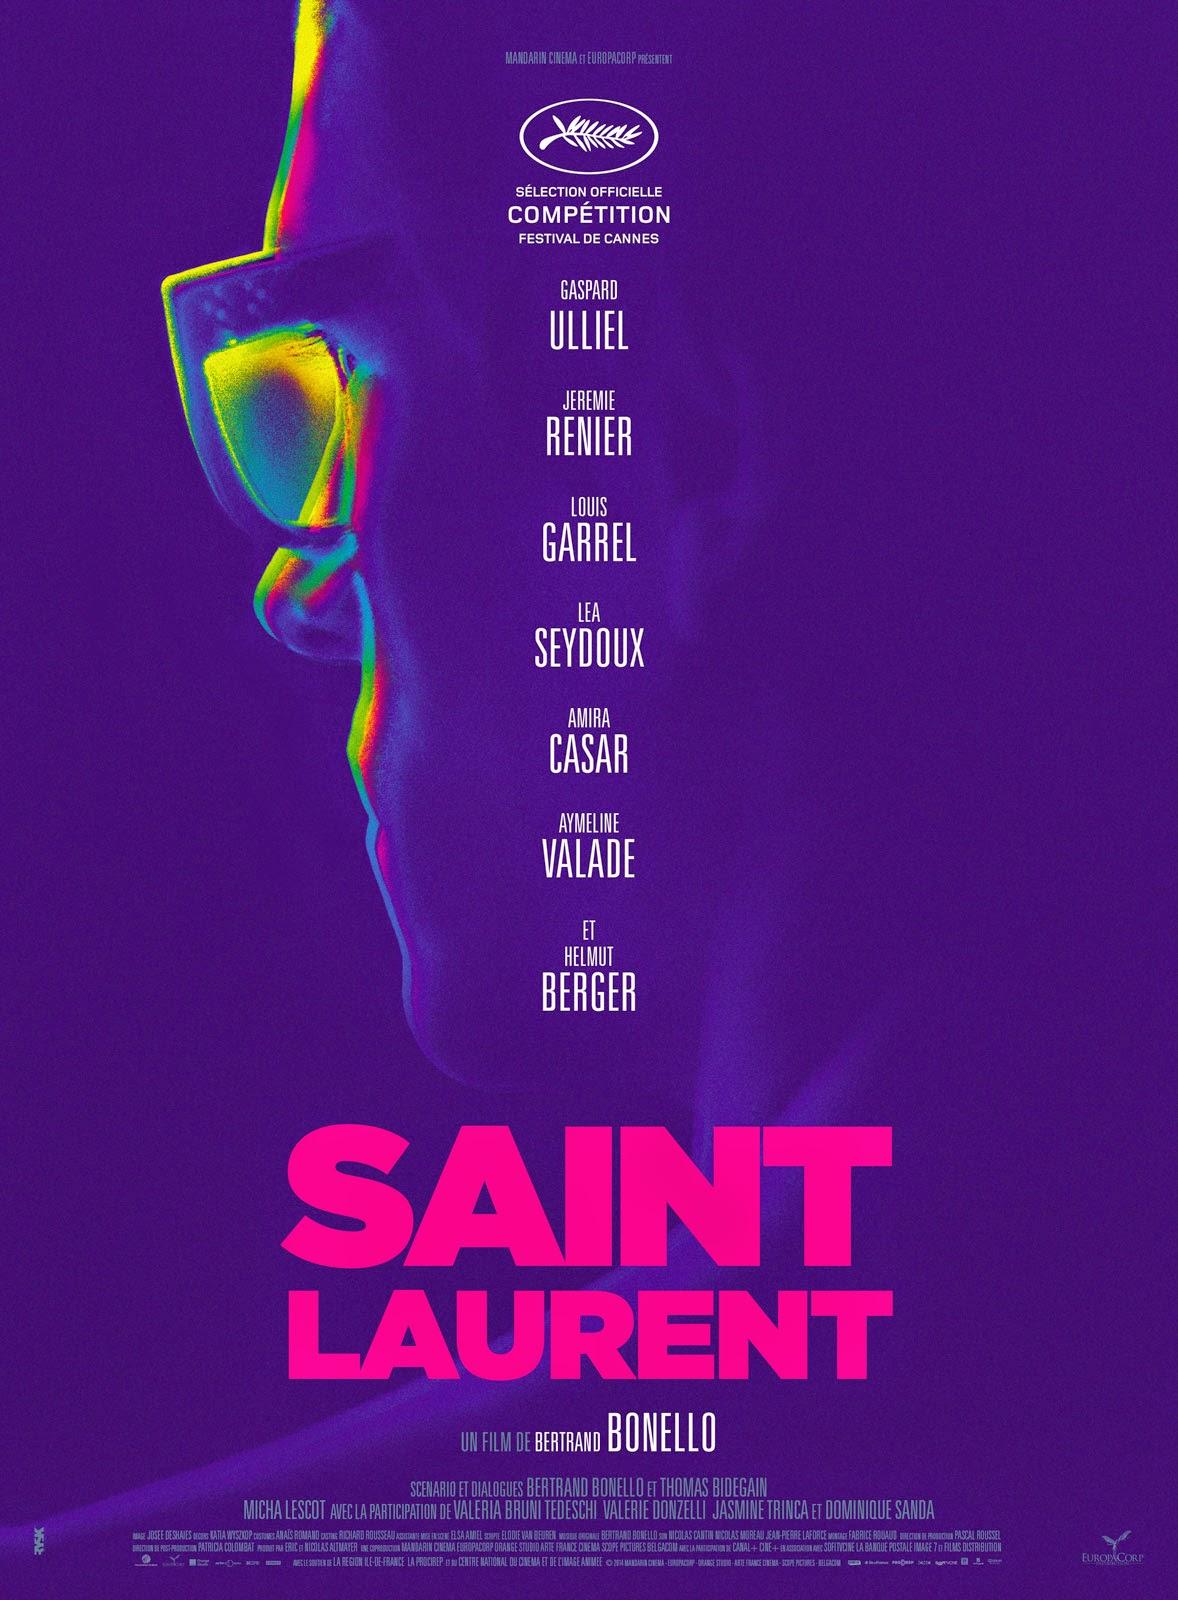 http://fuckingcinephiles.blogspot.fr/2014/09/critique-saint-laurent.html